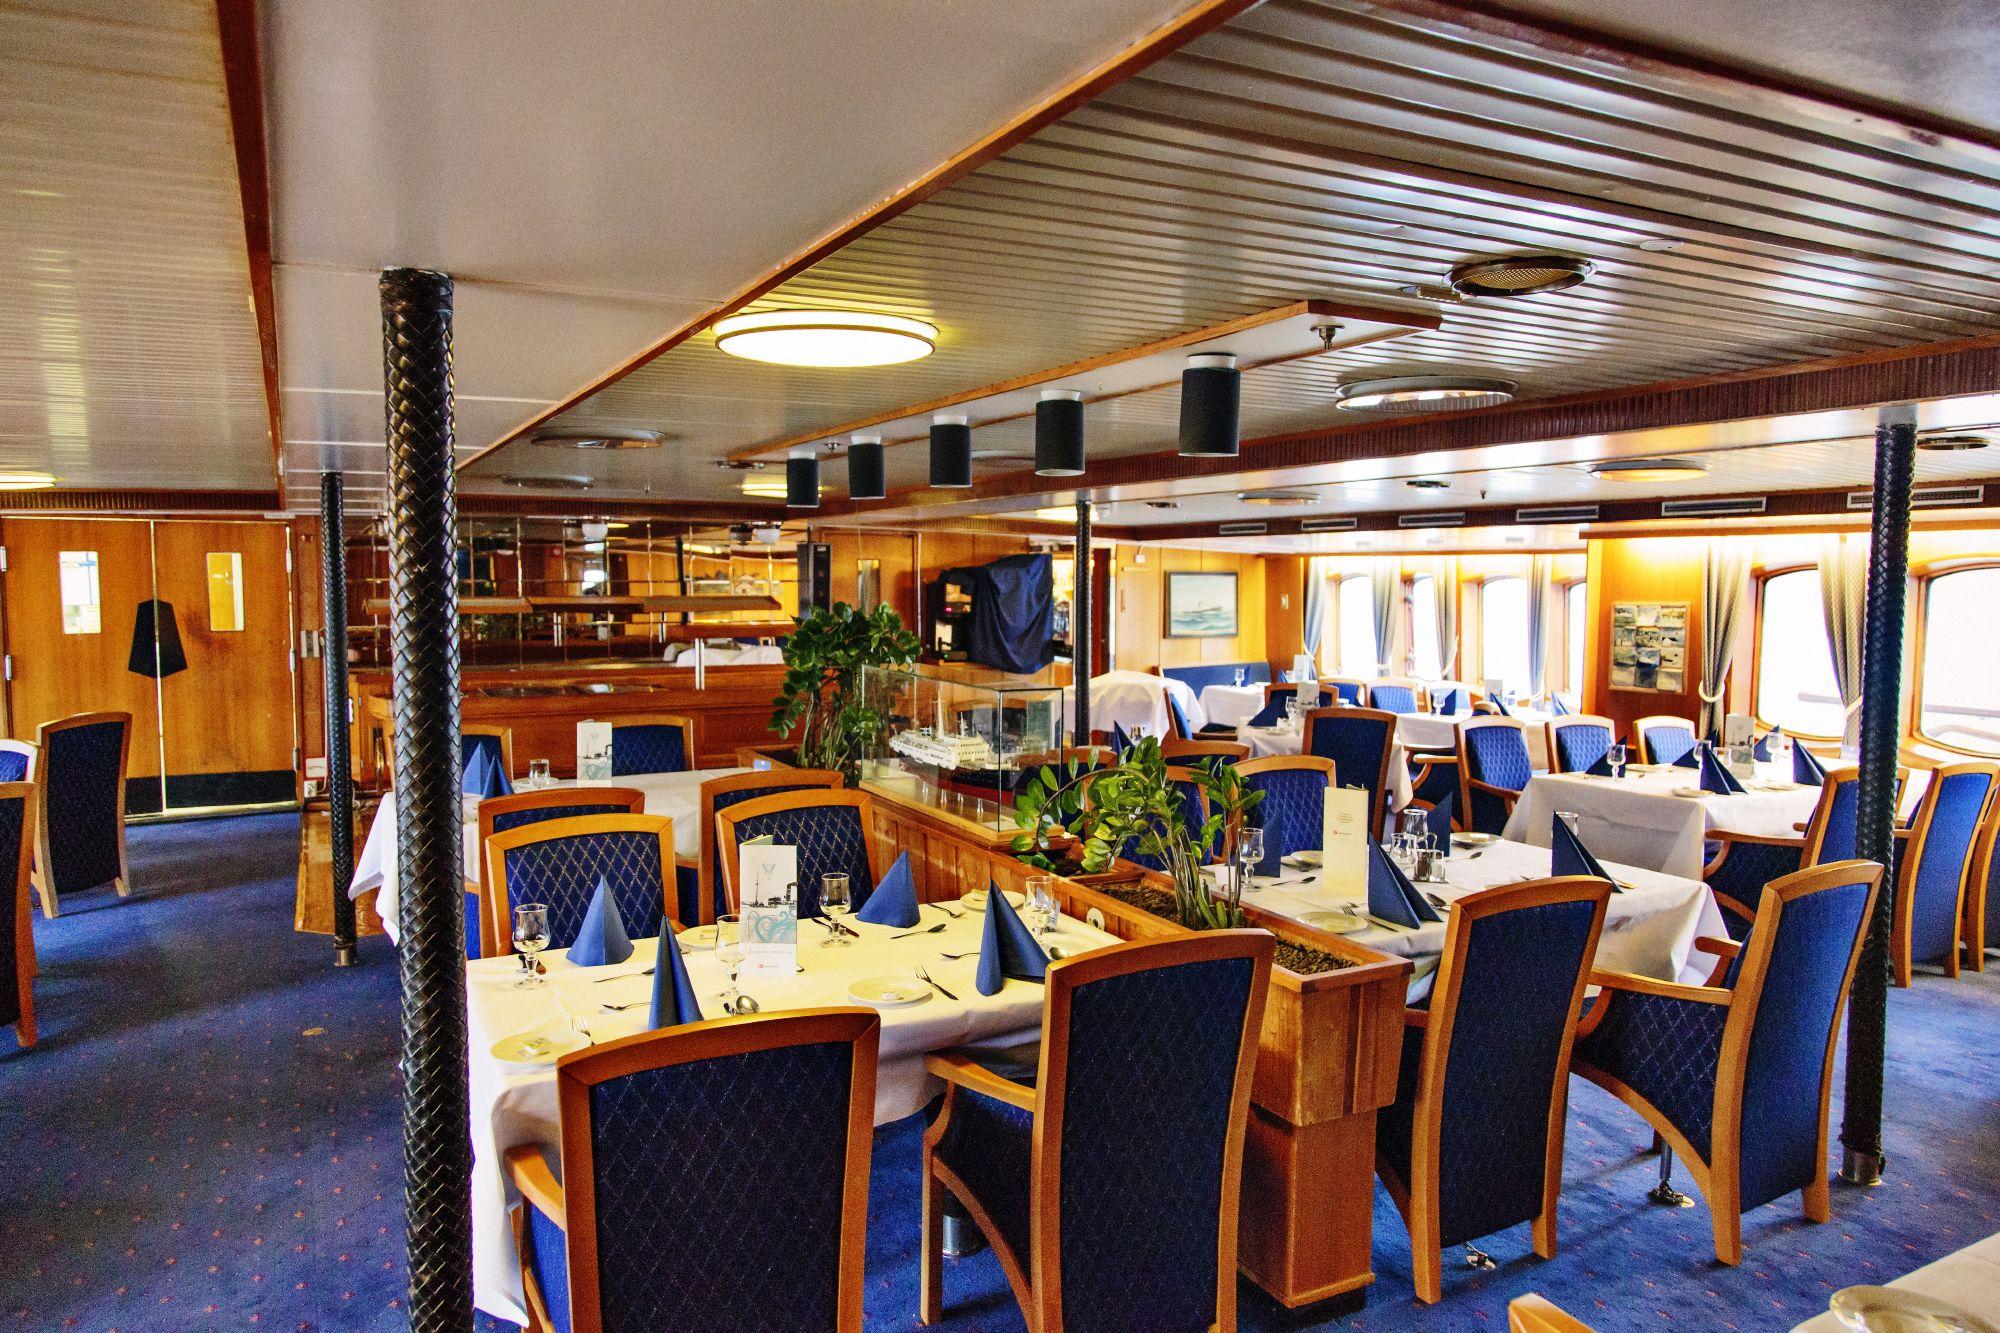 Hurtigruten Cruise Lines MS Lofoten Interior Dining Room 2.jpg